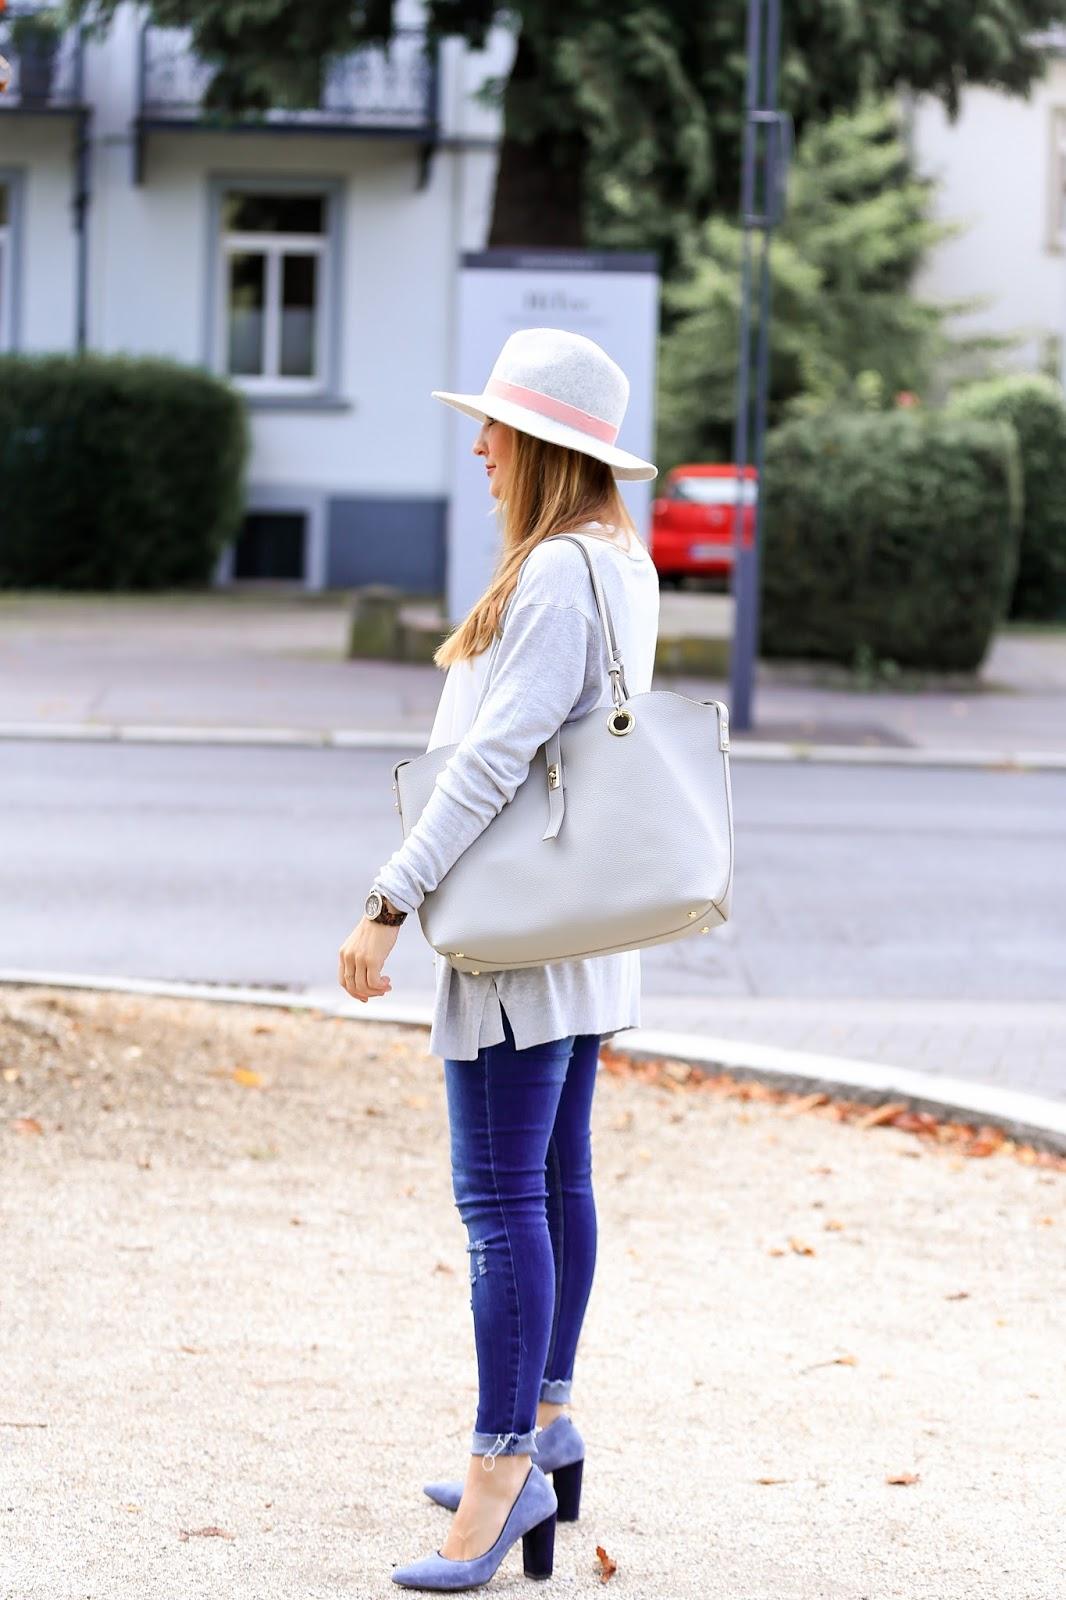 xxl-tasche-shopper-bag-wie-trägt-,man--strickjacken-Wie-trage-ich-einen - grauen-fedora-hut-richtig-kombinieren-bloggerstyle-fashionstylebyjohanna-blogger-aus-deutschland1